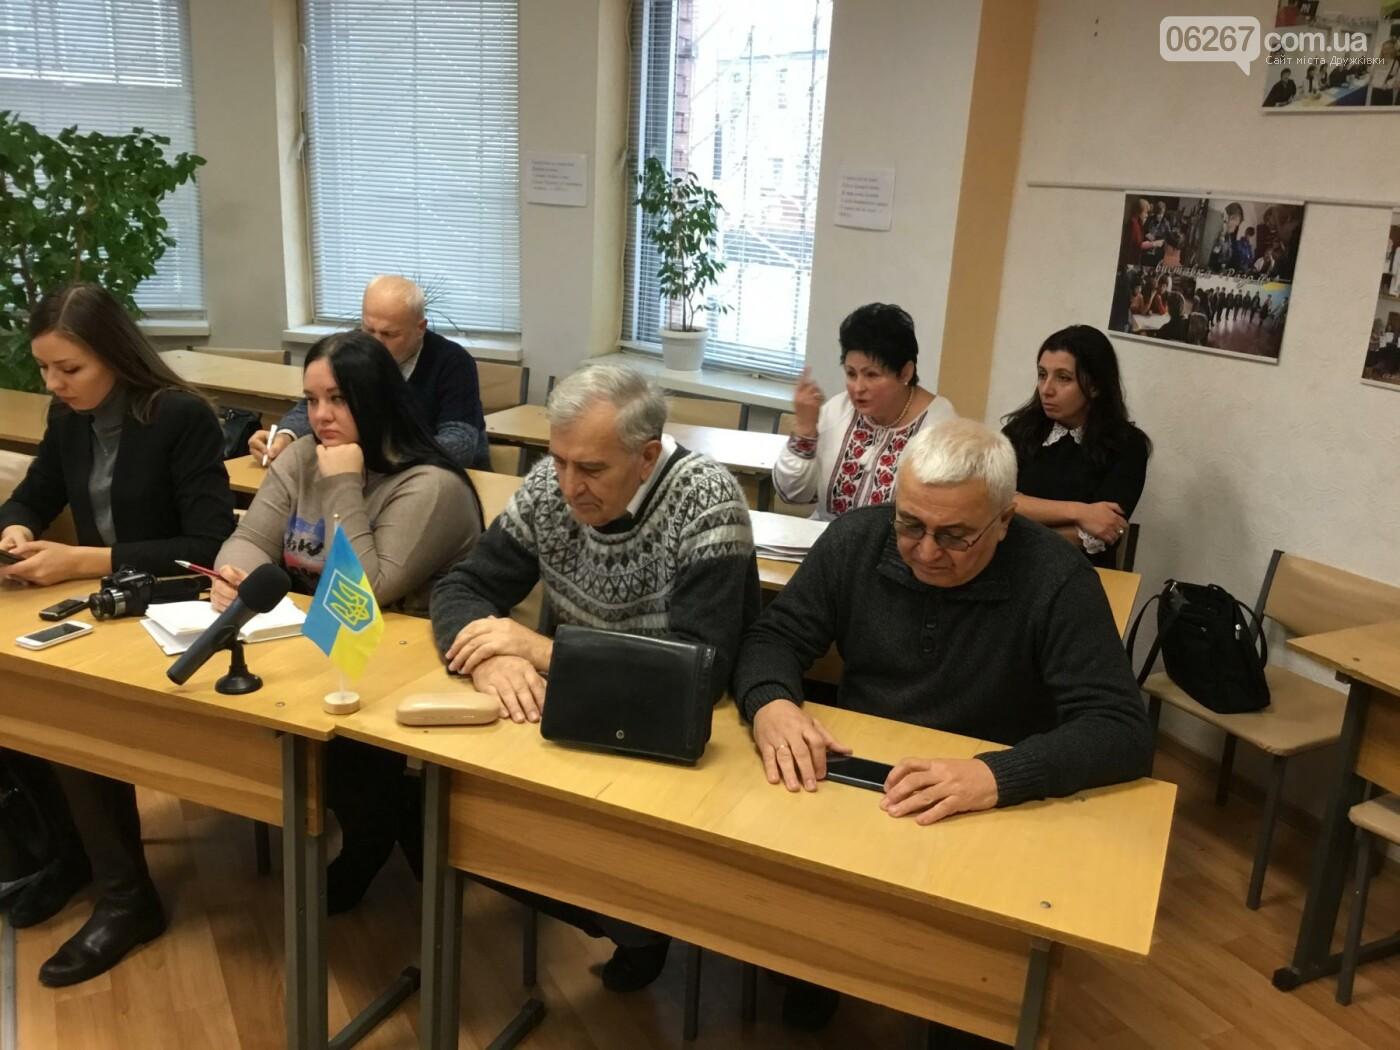 Голоса подсчитаны: Дружковскую школу №17 через десять дней может возглавить Жанна Василенко, фото-2